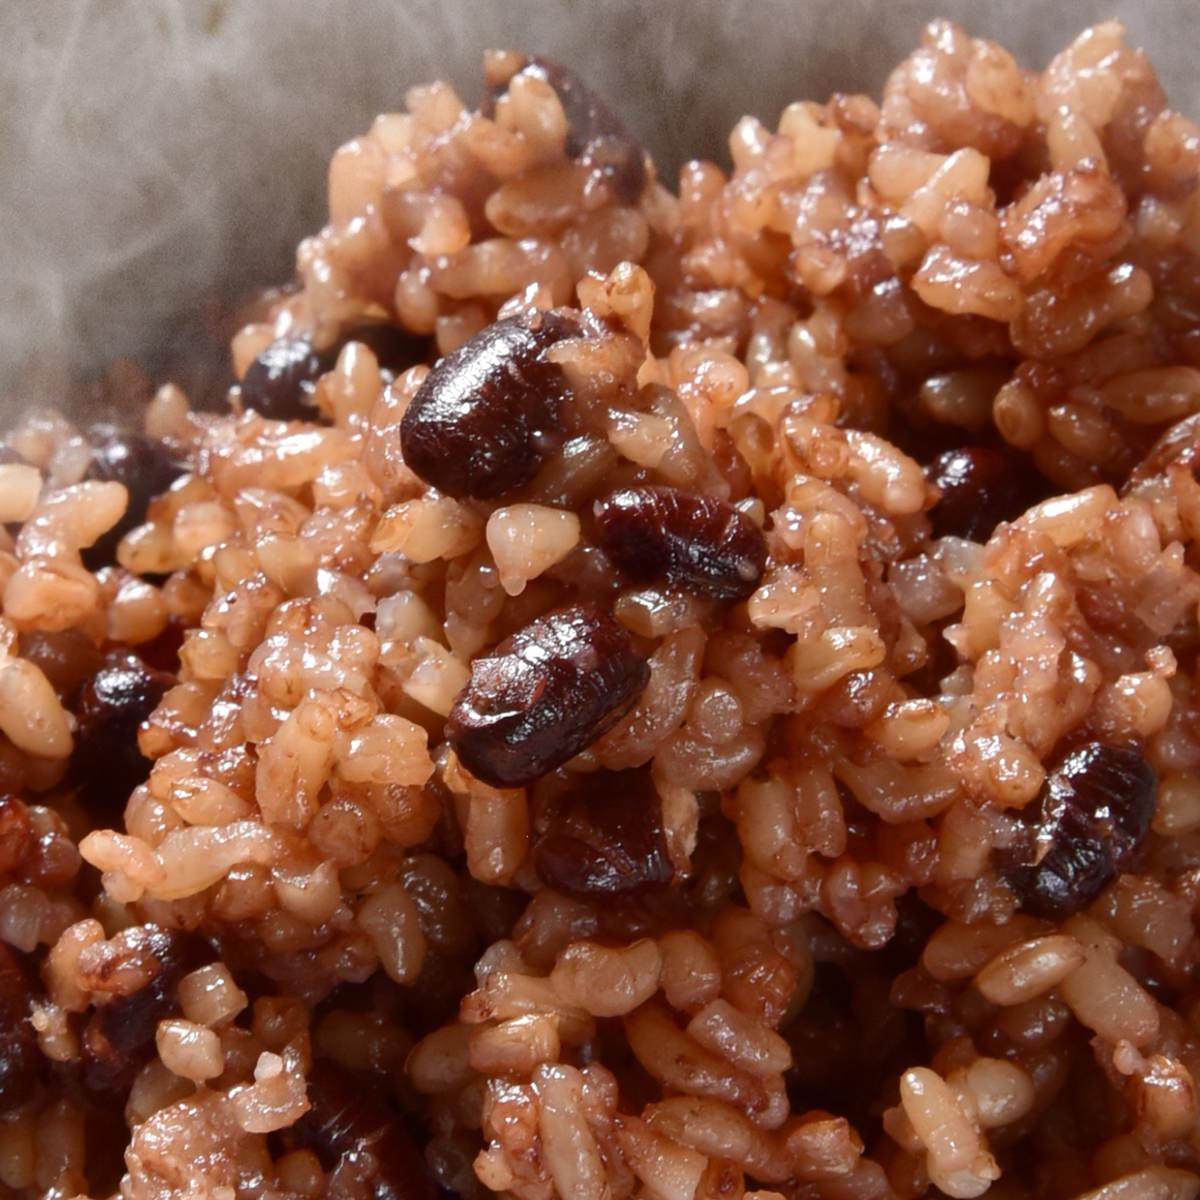 3日寝かせ 発芽酵素玄米ごはん 12食 玄米ご飯 発芽玄米 スーパーフード レンジでご飯 冷凍 食品 国産 ほっとコミュニケーション株式会社 大分県